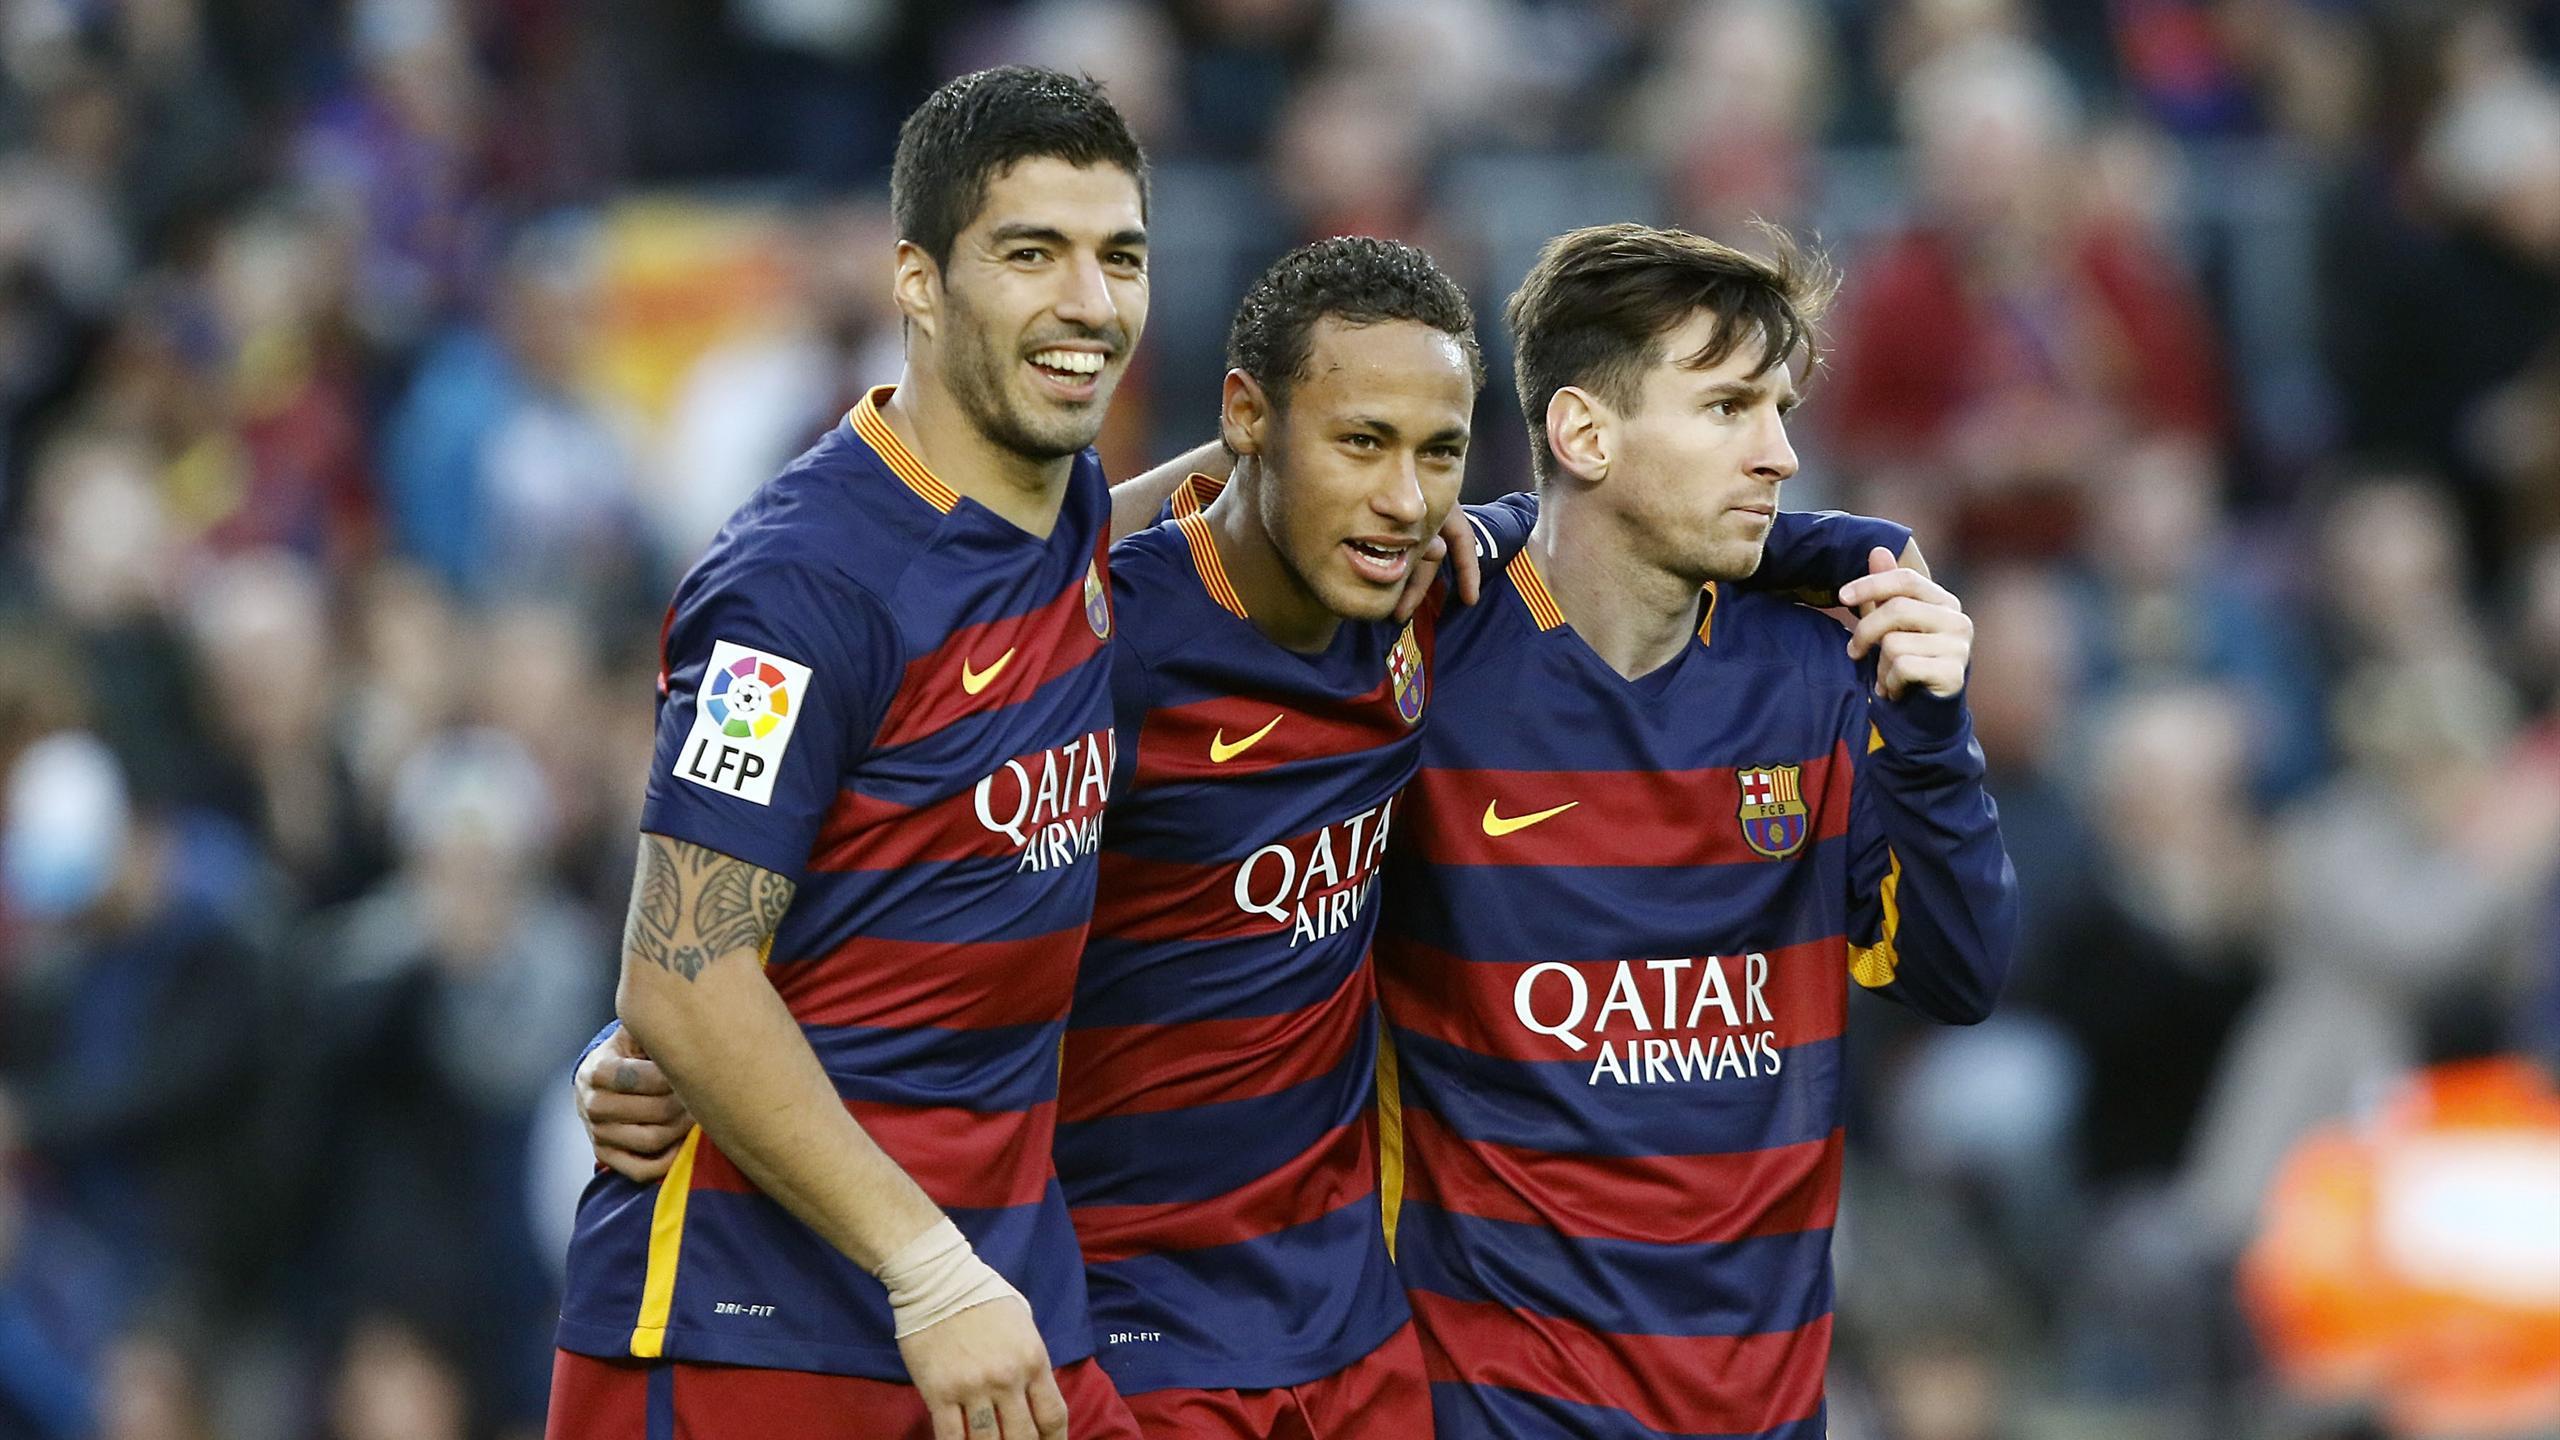 Luis Suarez, Neymar et Lionel Messi (FC Barcelone)